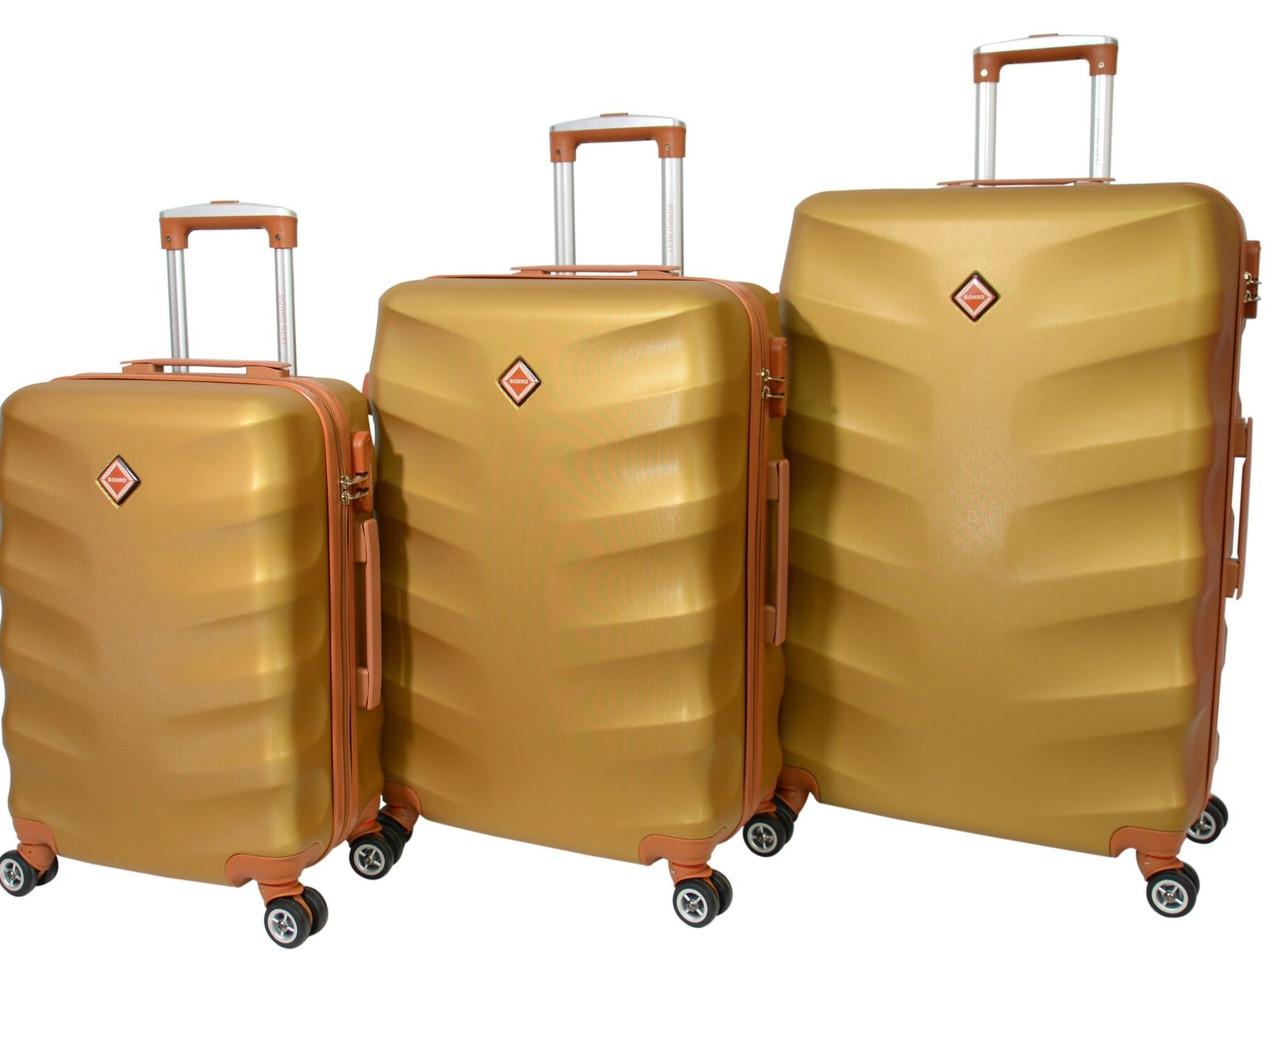 Дорожные чемоданы Bonro Next набор 3 штуки золотой